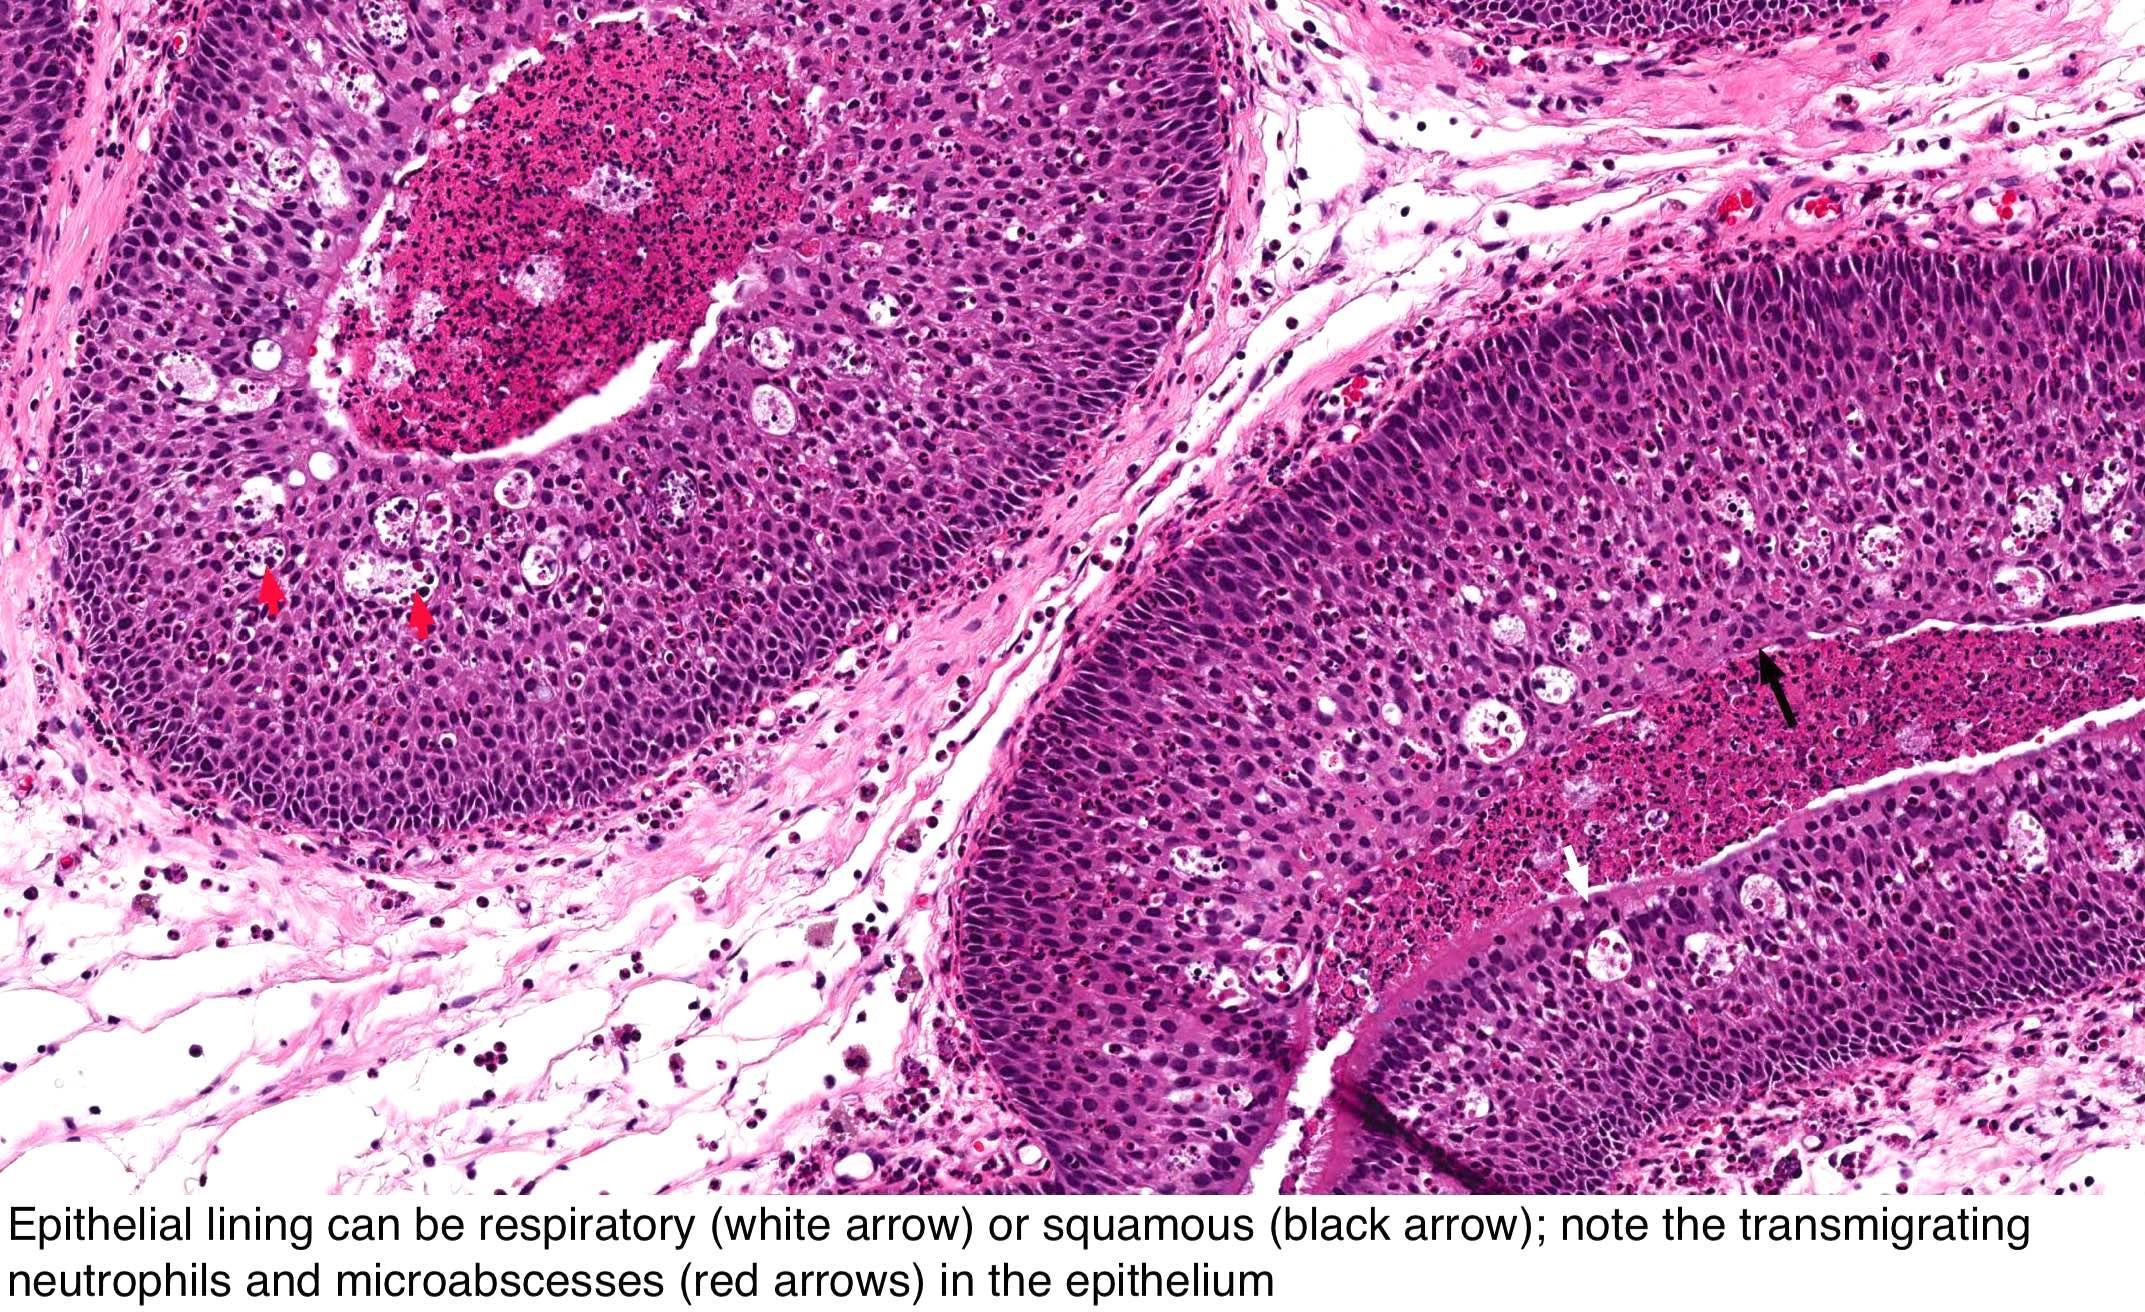 krema za uklanjanje papiloma cancer poumon maligne